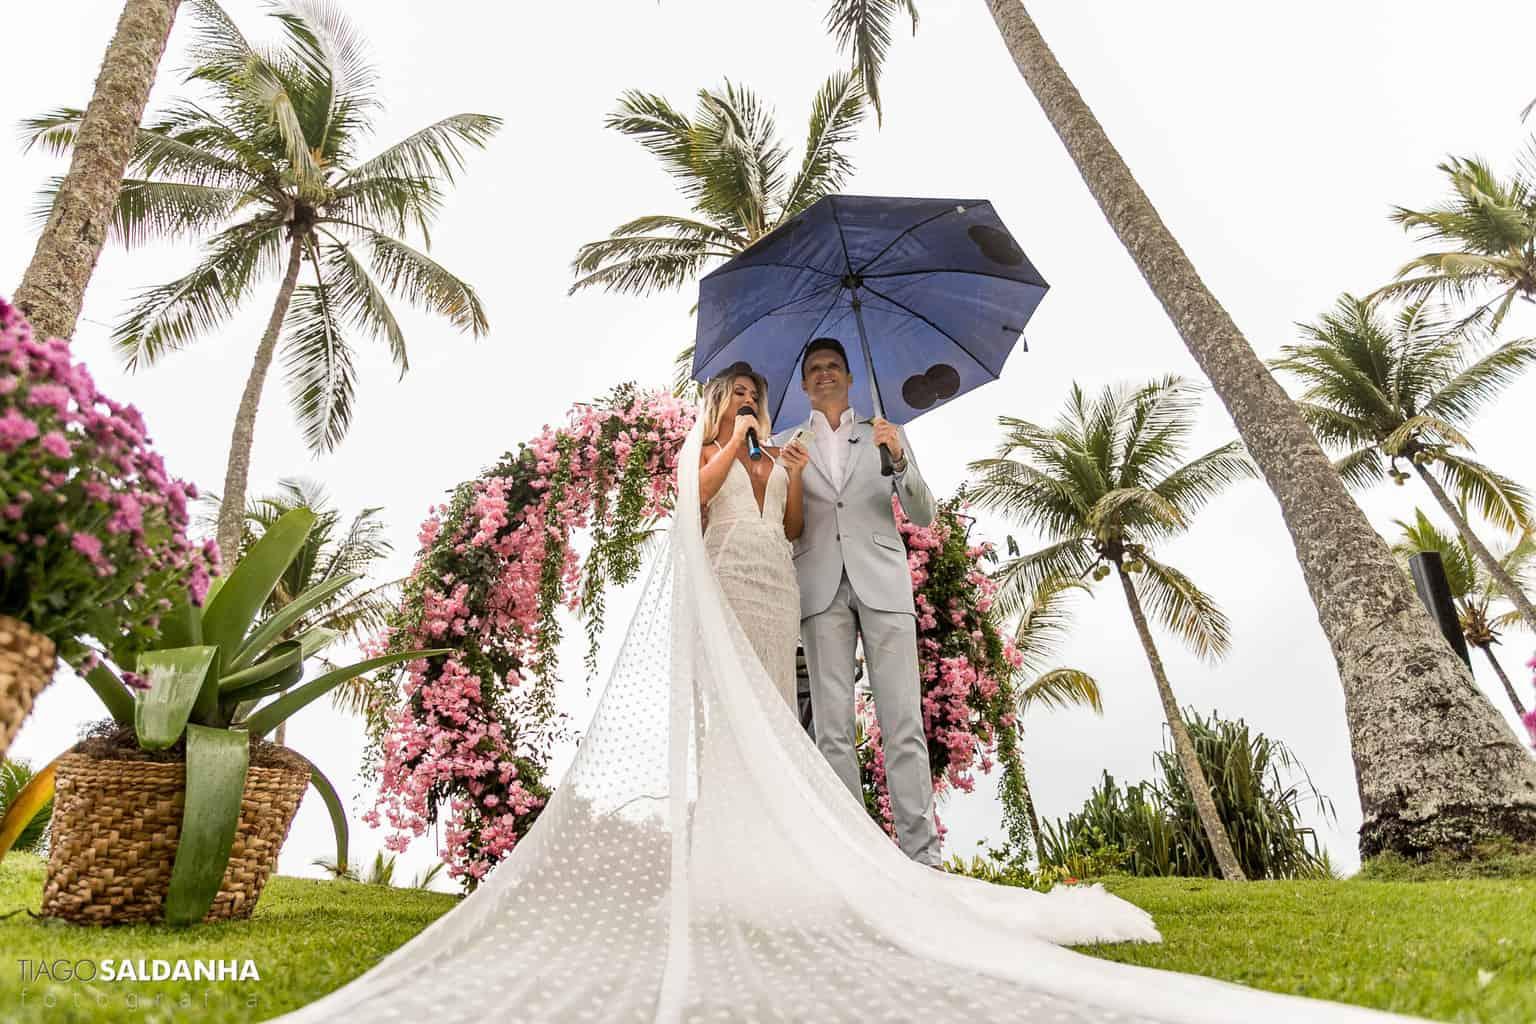 Aliança-no-Espelho-Casamento-Chandrélin-e-Laureano-cerimonia-na-praia-cerimonia-no-jardim-Chan-e-Lau-Rio-da-Barra24